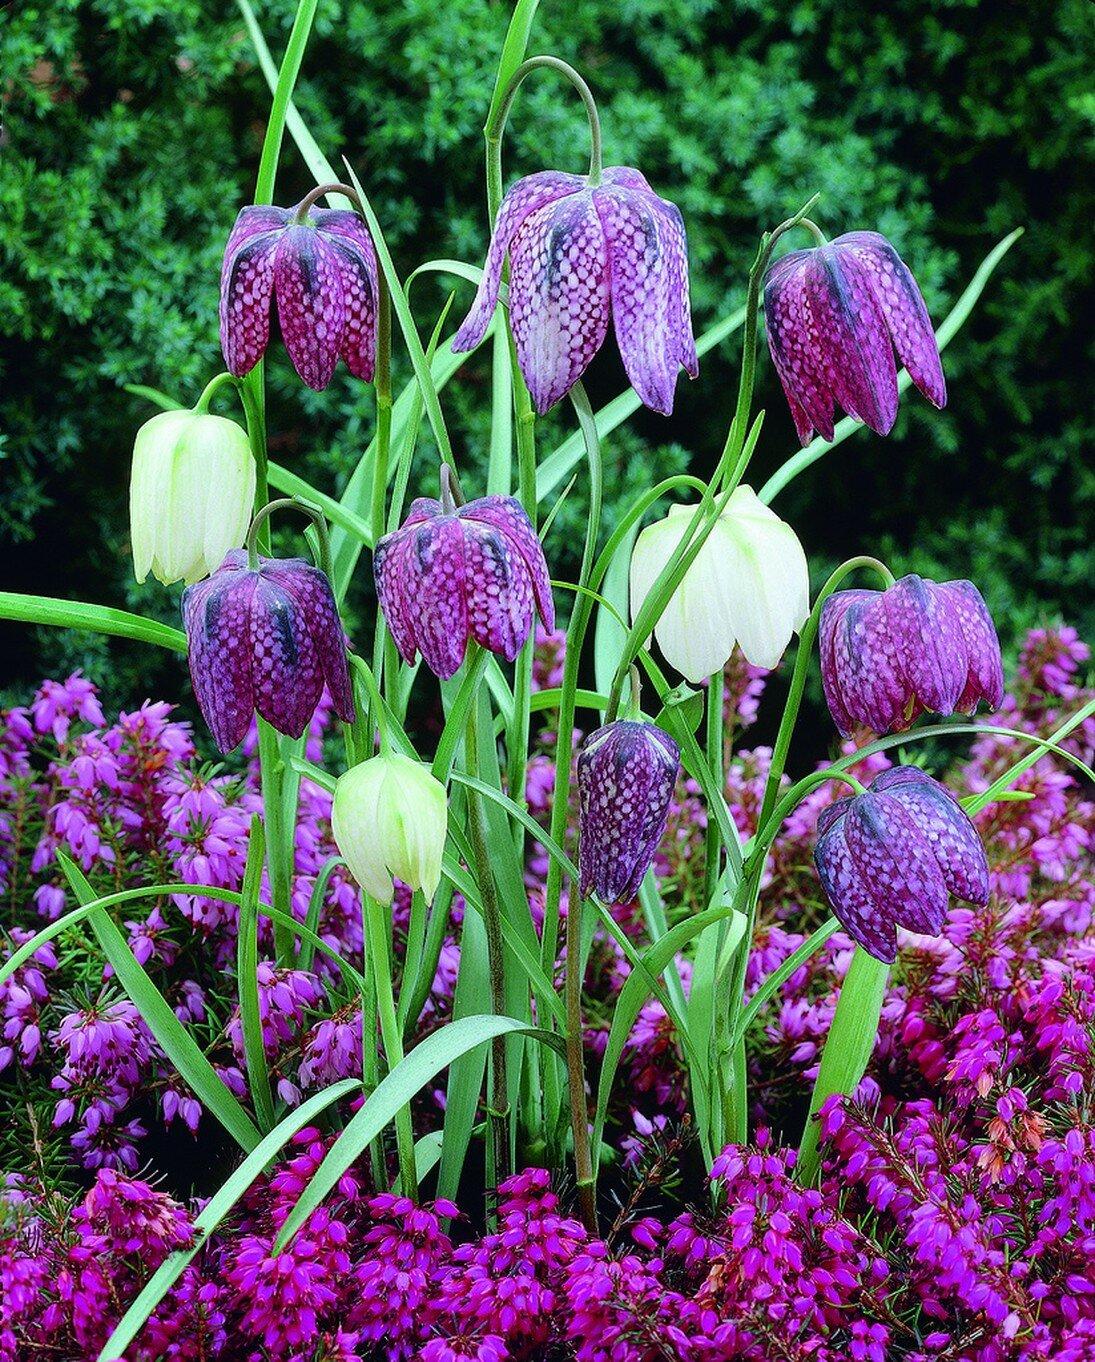 Луковичные комнатные цветы – все о посадке и последующем уходе